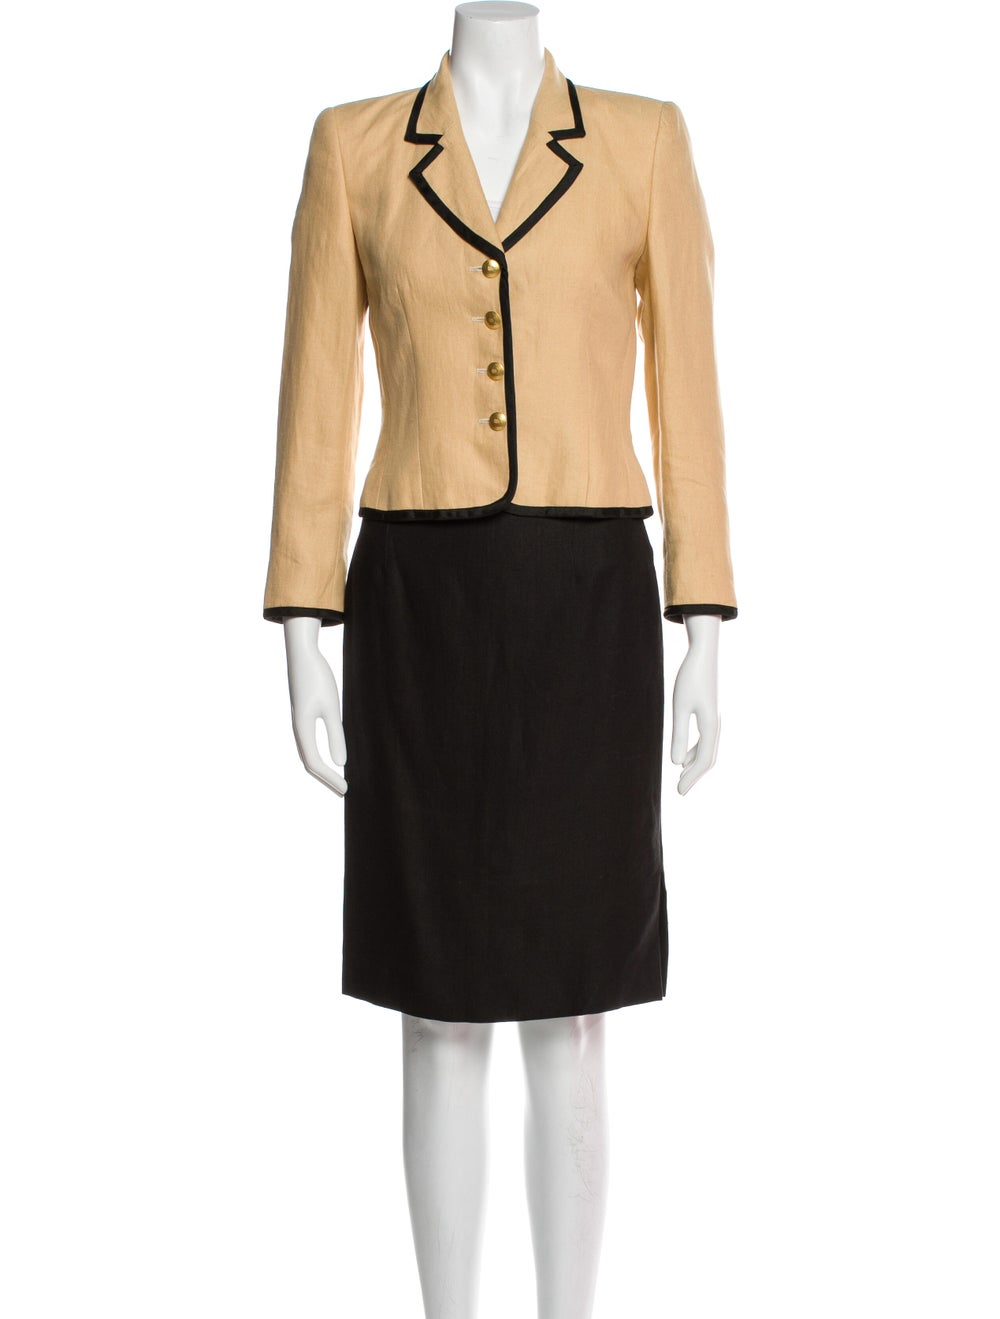 Rena Lange Vintage Linen Skirt Suit - image 1